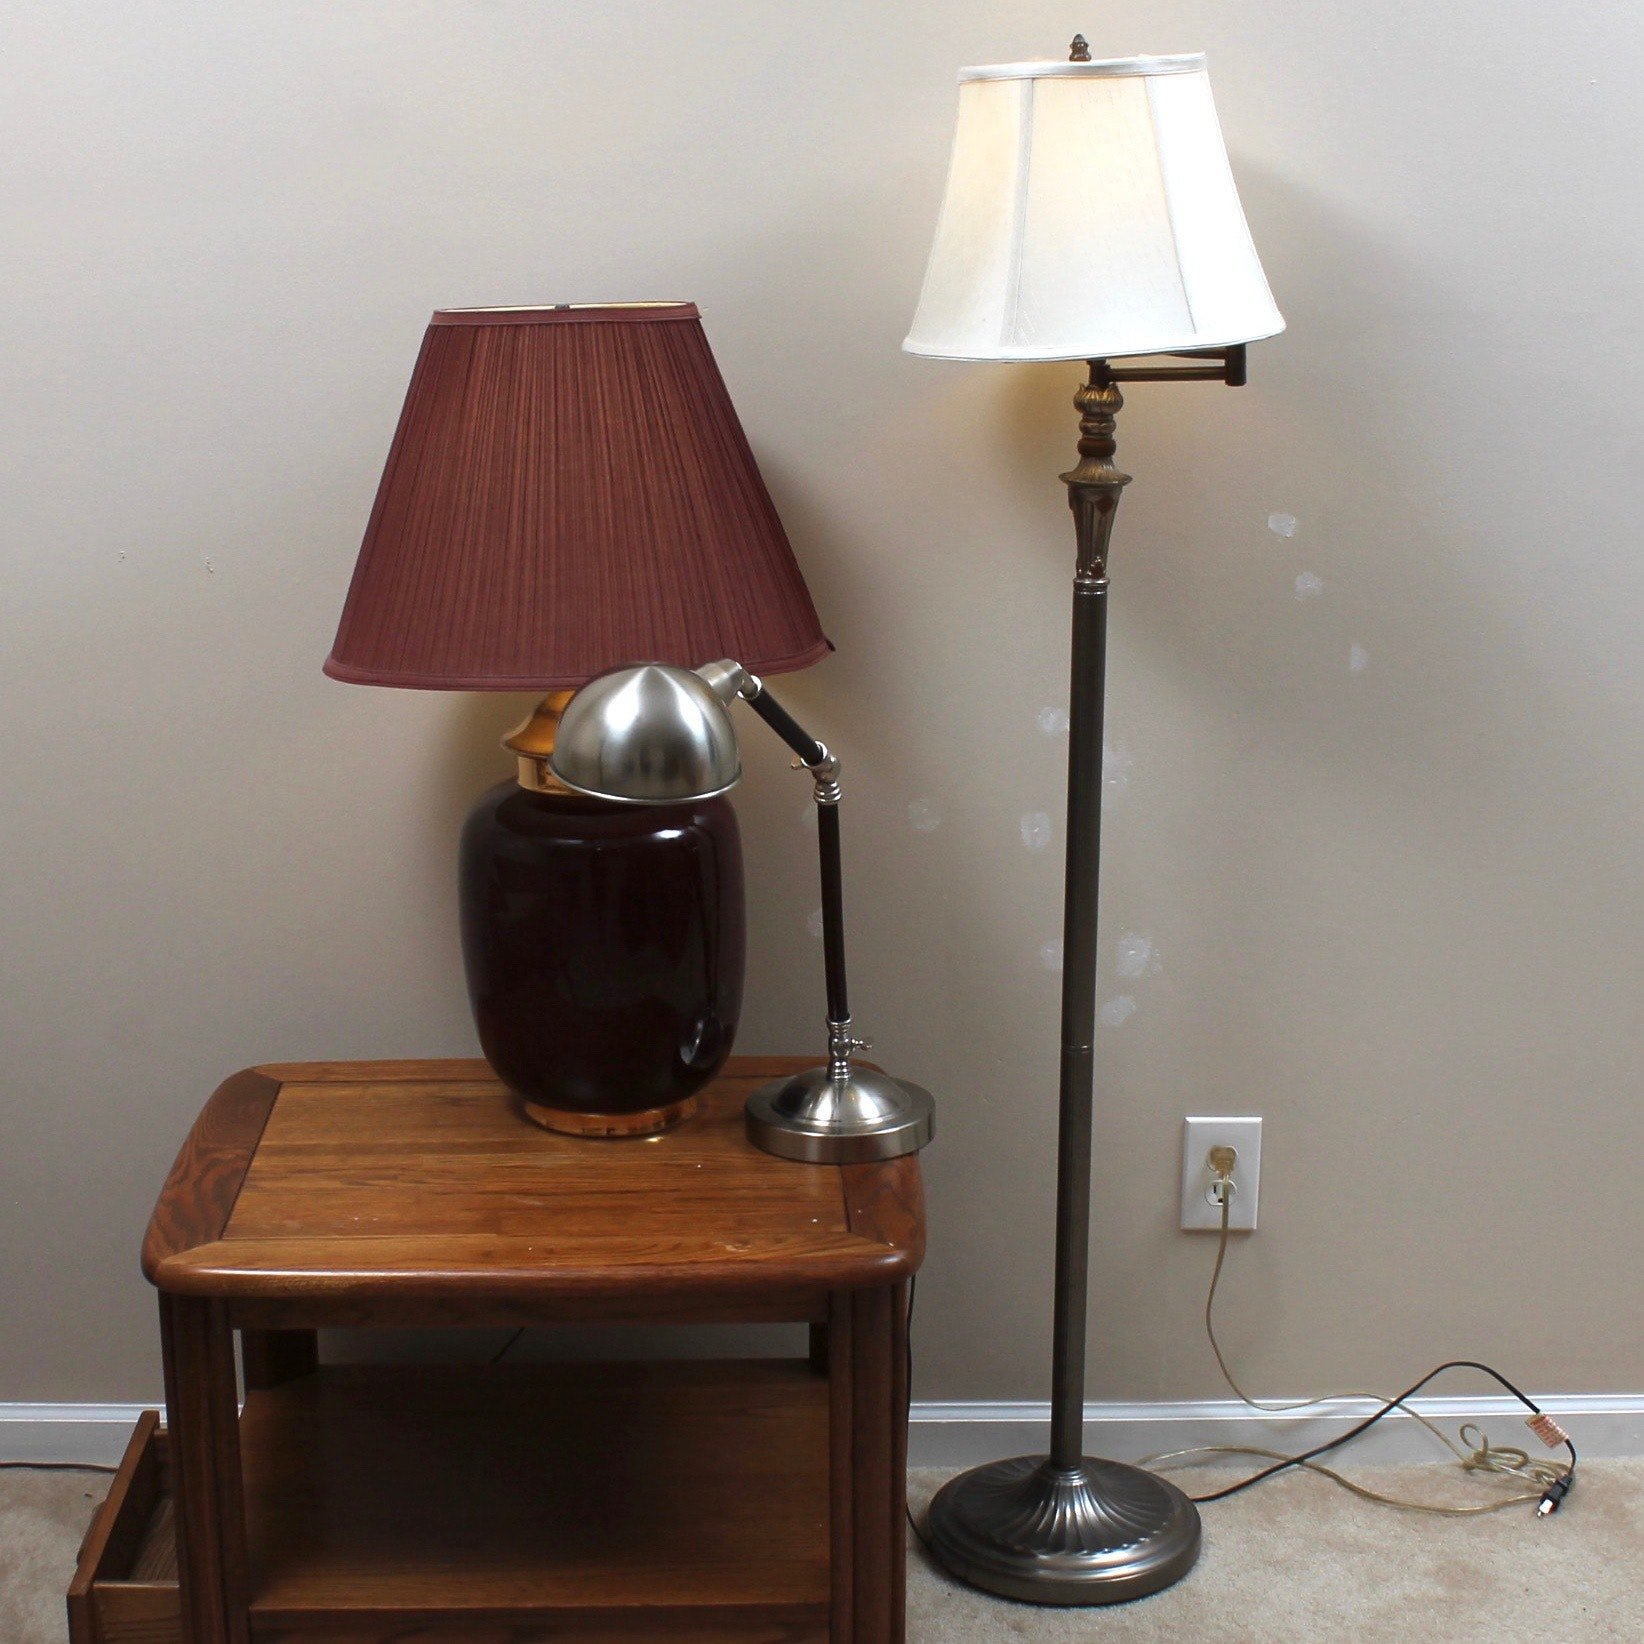 Ceramic Table Lamp, Metal Desk Lamp, and Metal Floor Lamp